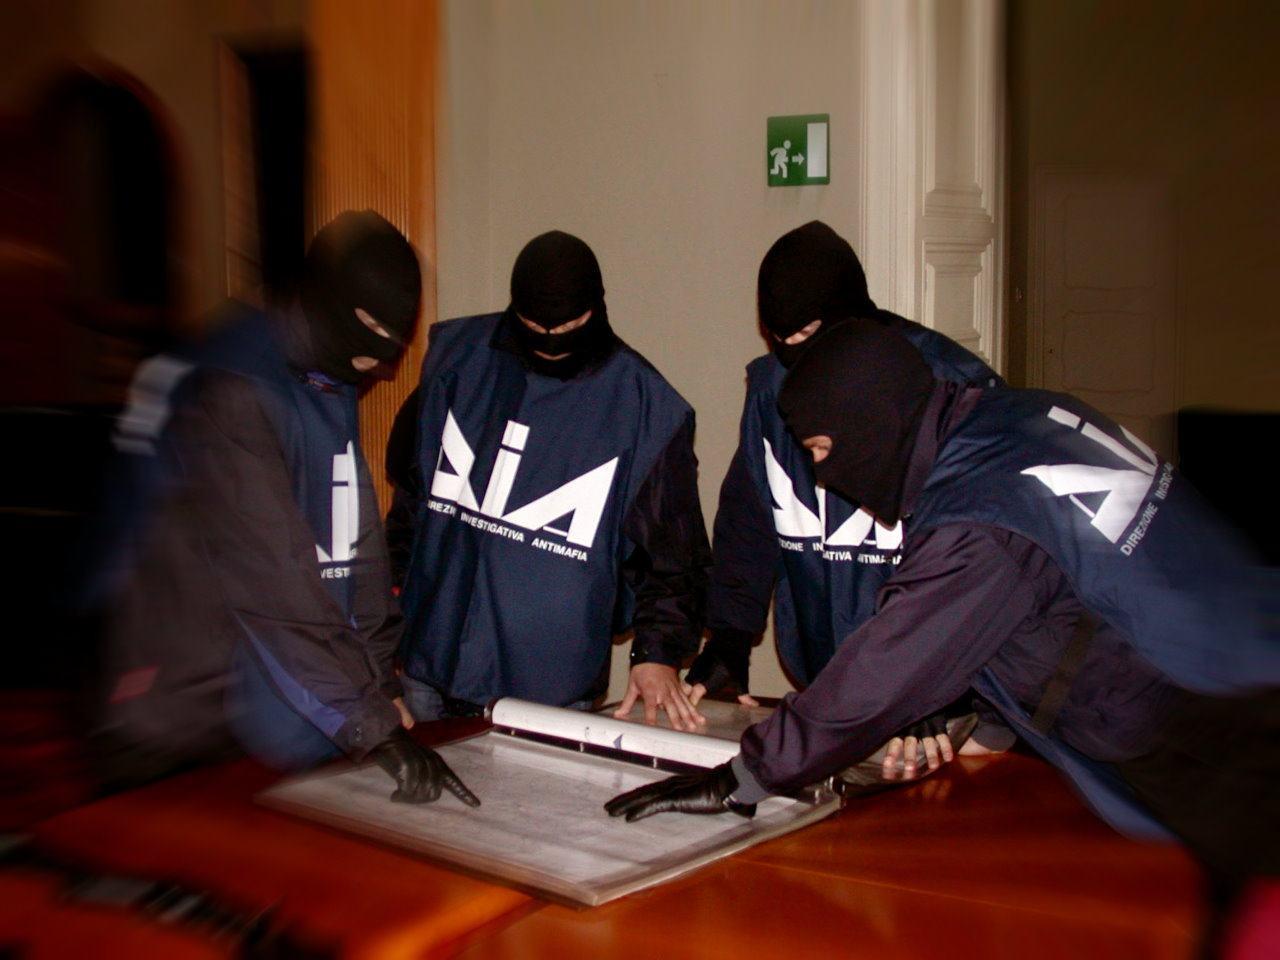 Infiltrazioni criminali in Umbria nel gioco illegale, 'ndrangeta, relazione DIA